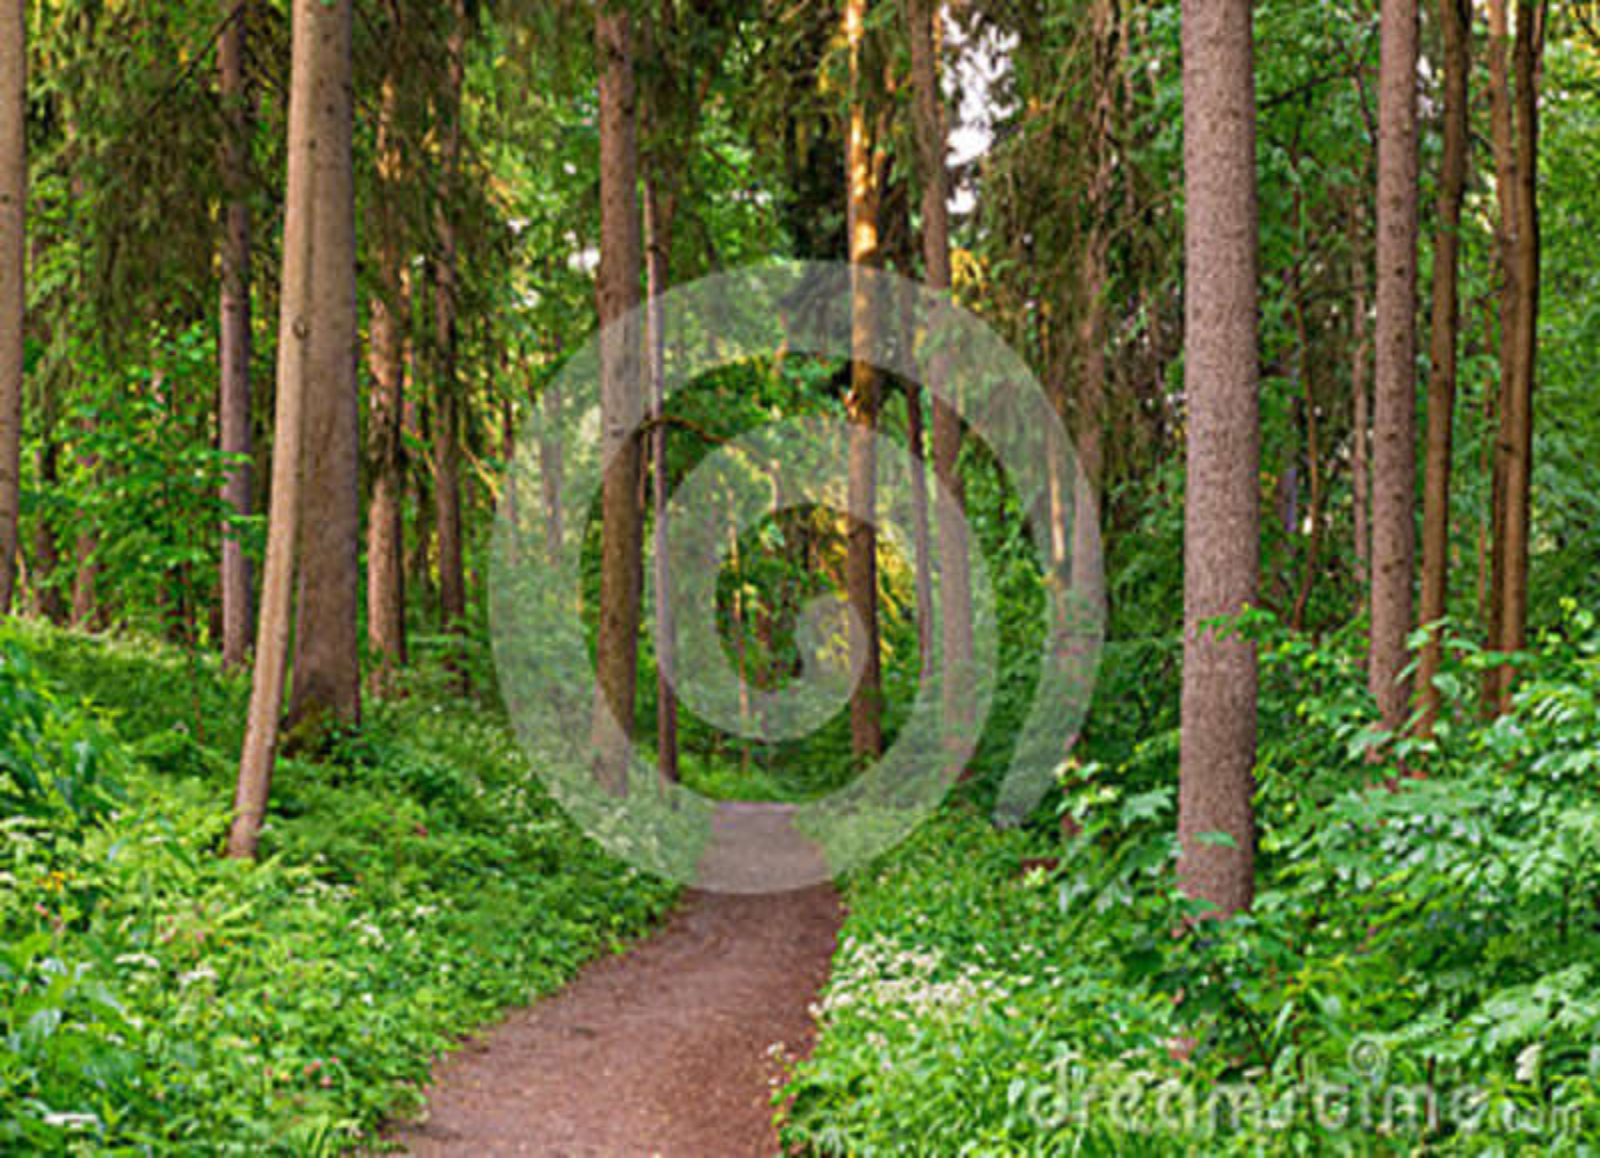 Le chemin de terre entre profondément dans la forêt